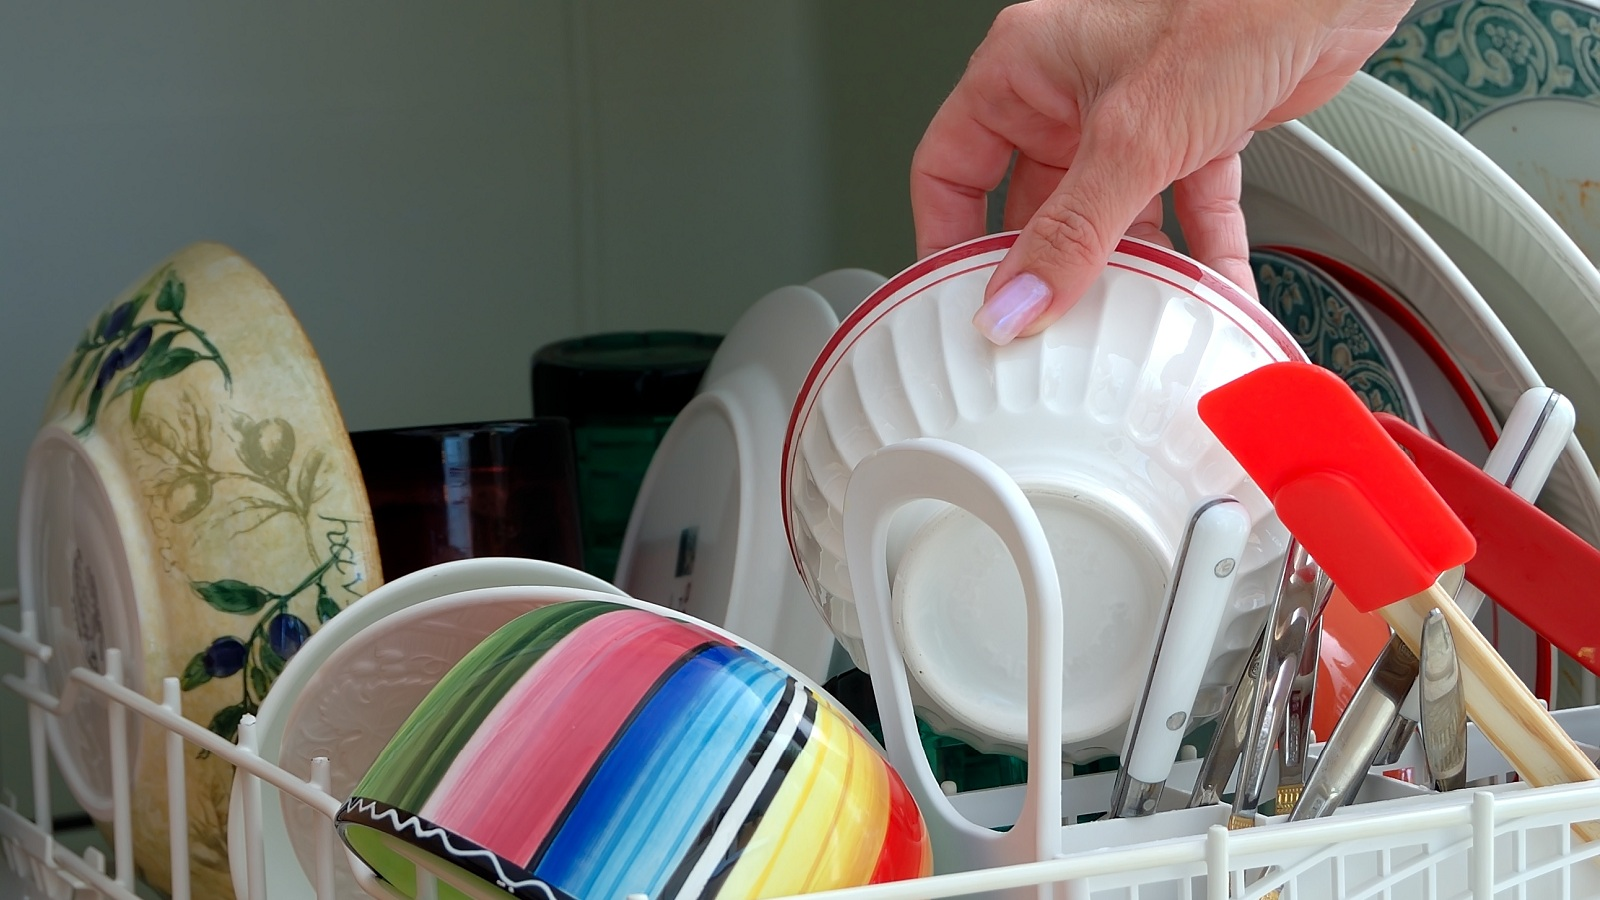 Beko È Una Sottomarca sale per lavastoviglie: cos'è e come funziona | altroconsumo